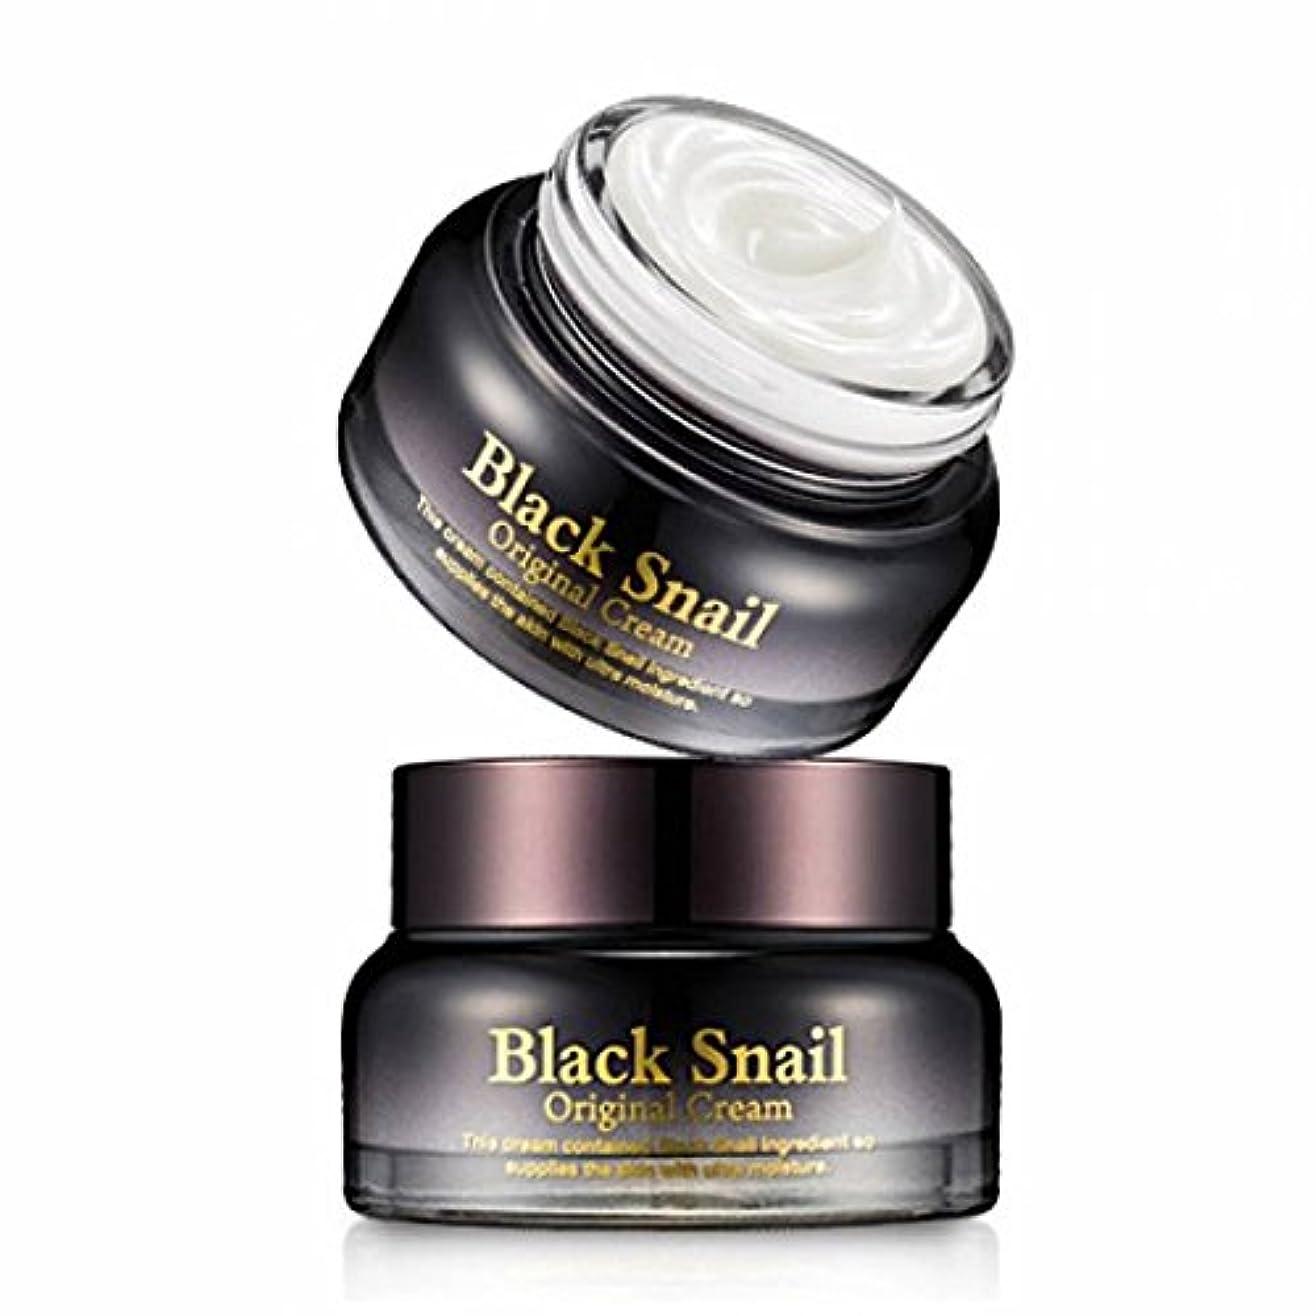 モノグラフ転送ステートメントシークレットキー [韓国コスメ Secret Key] ブラックスネイル オリジナルクリーム Secret Key Black Snail Original Cream [並行輸入品]